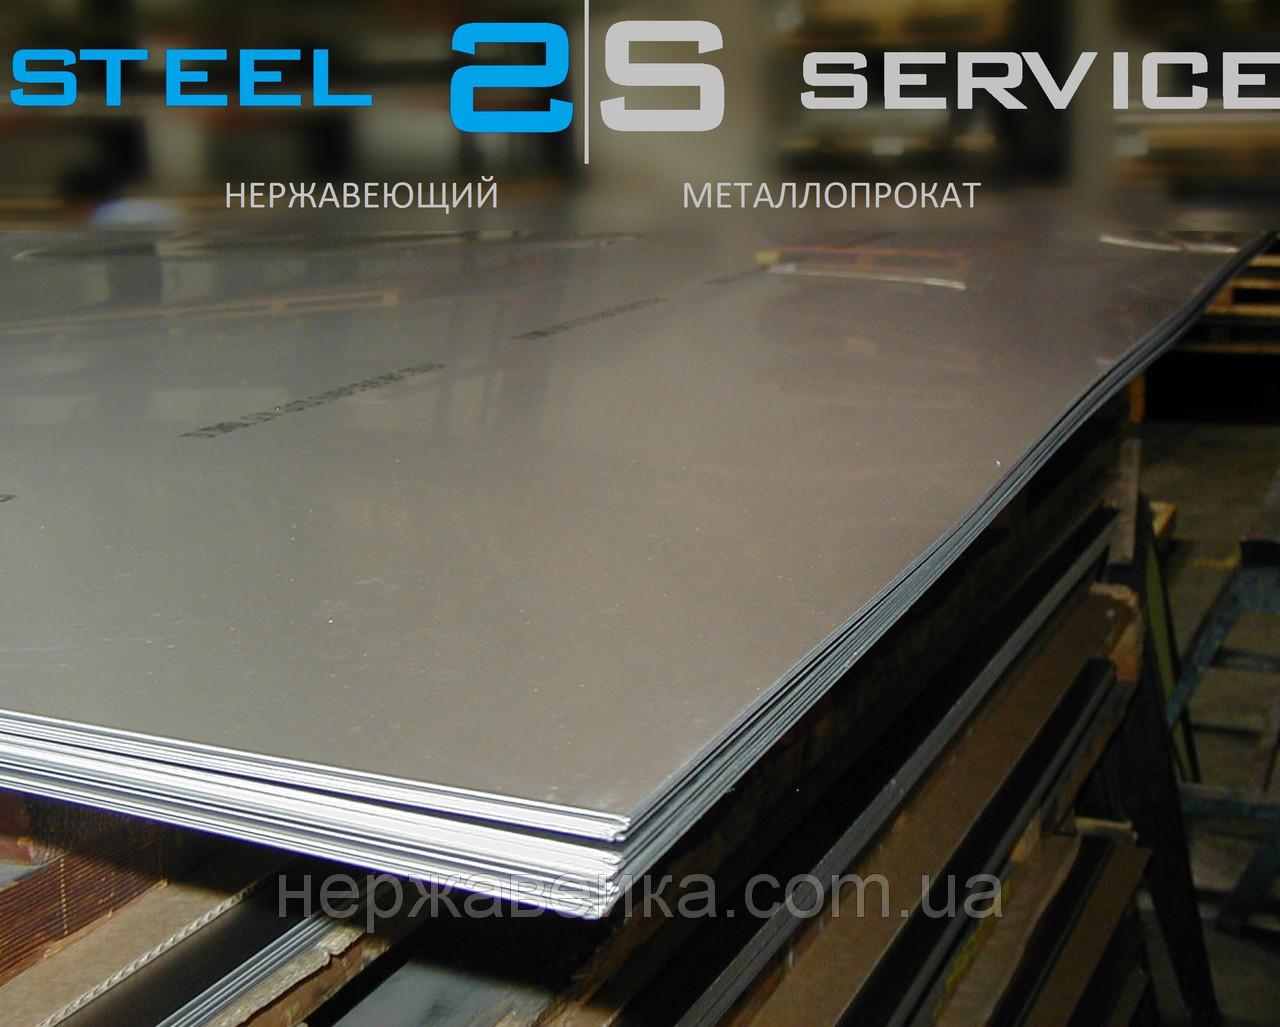 Нержавейка лист 14х1500х6000мм  AISI 310(20Х23Н18) F1 - горячекатанный,  жаропрочный